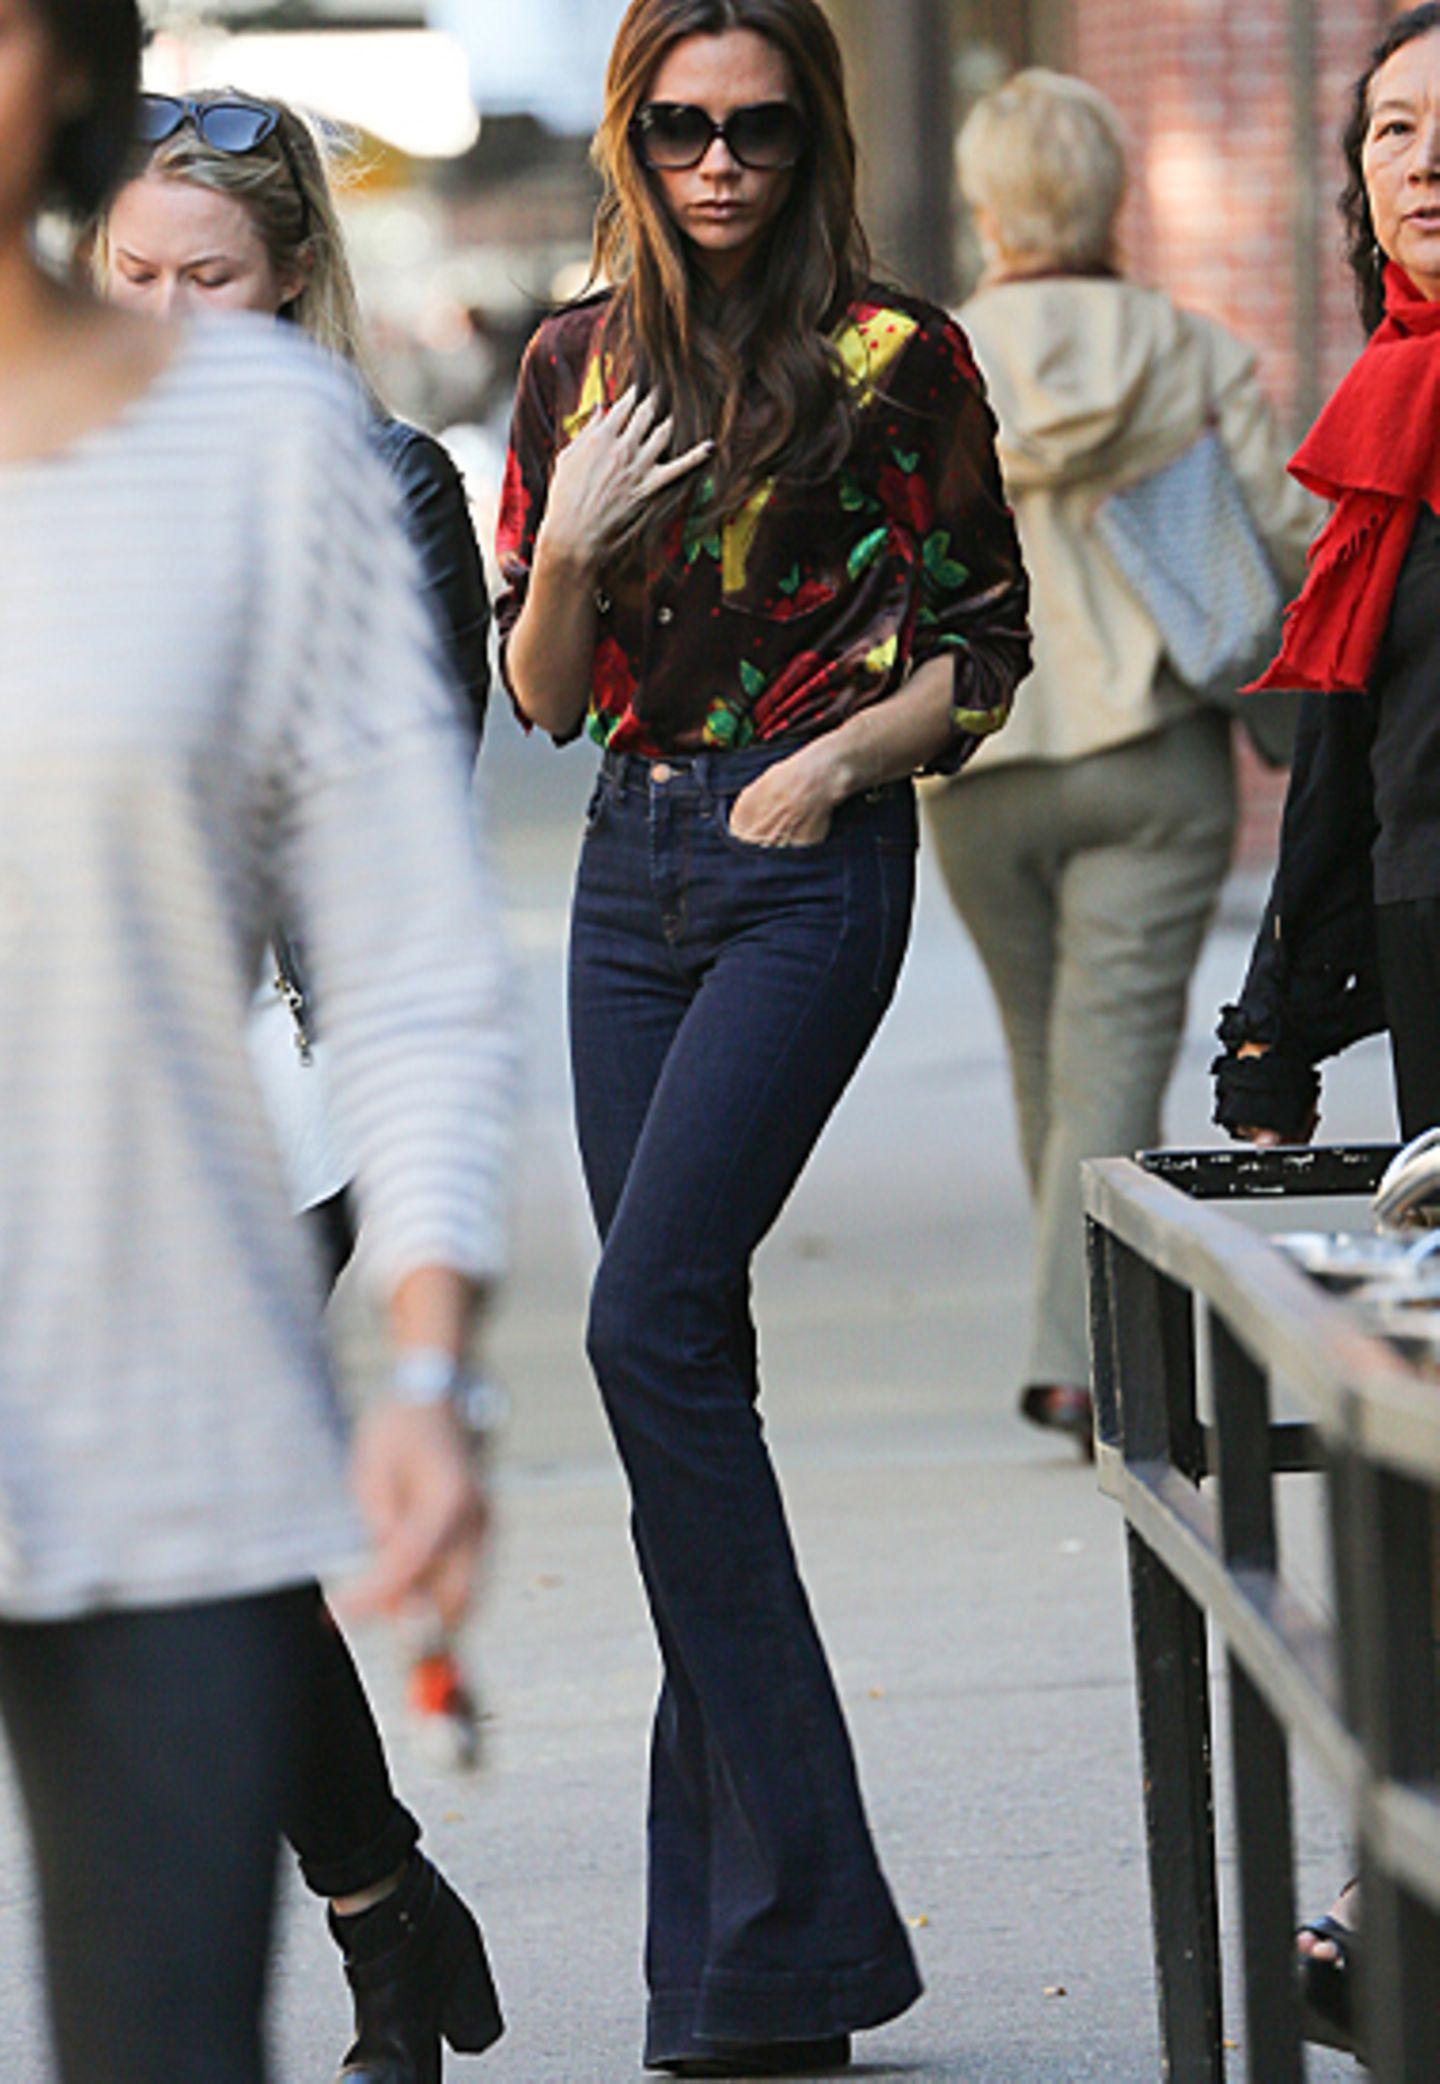 Mit dieser hübschen Printbluse und Schlaghose sticht Victoria Beckham mal wieder aus der Menge raus.